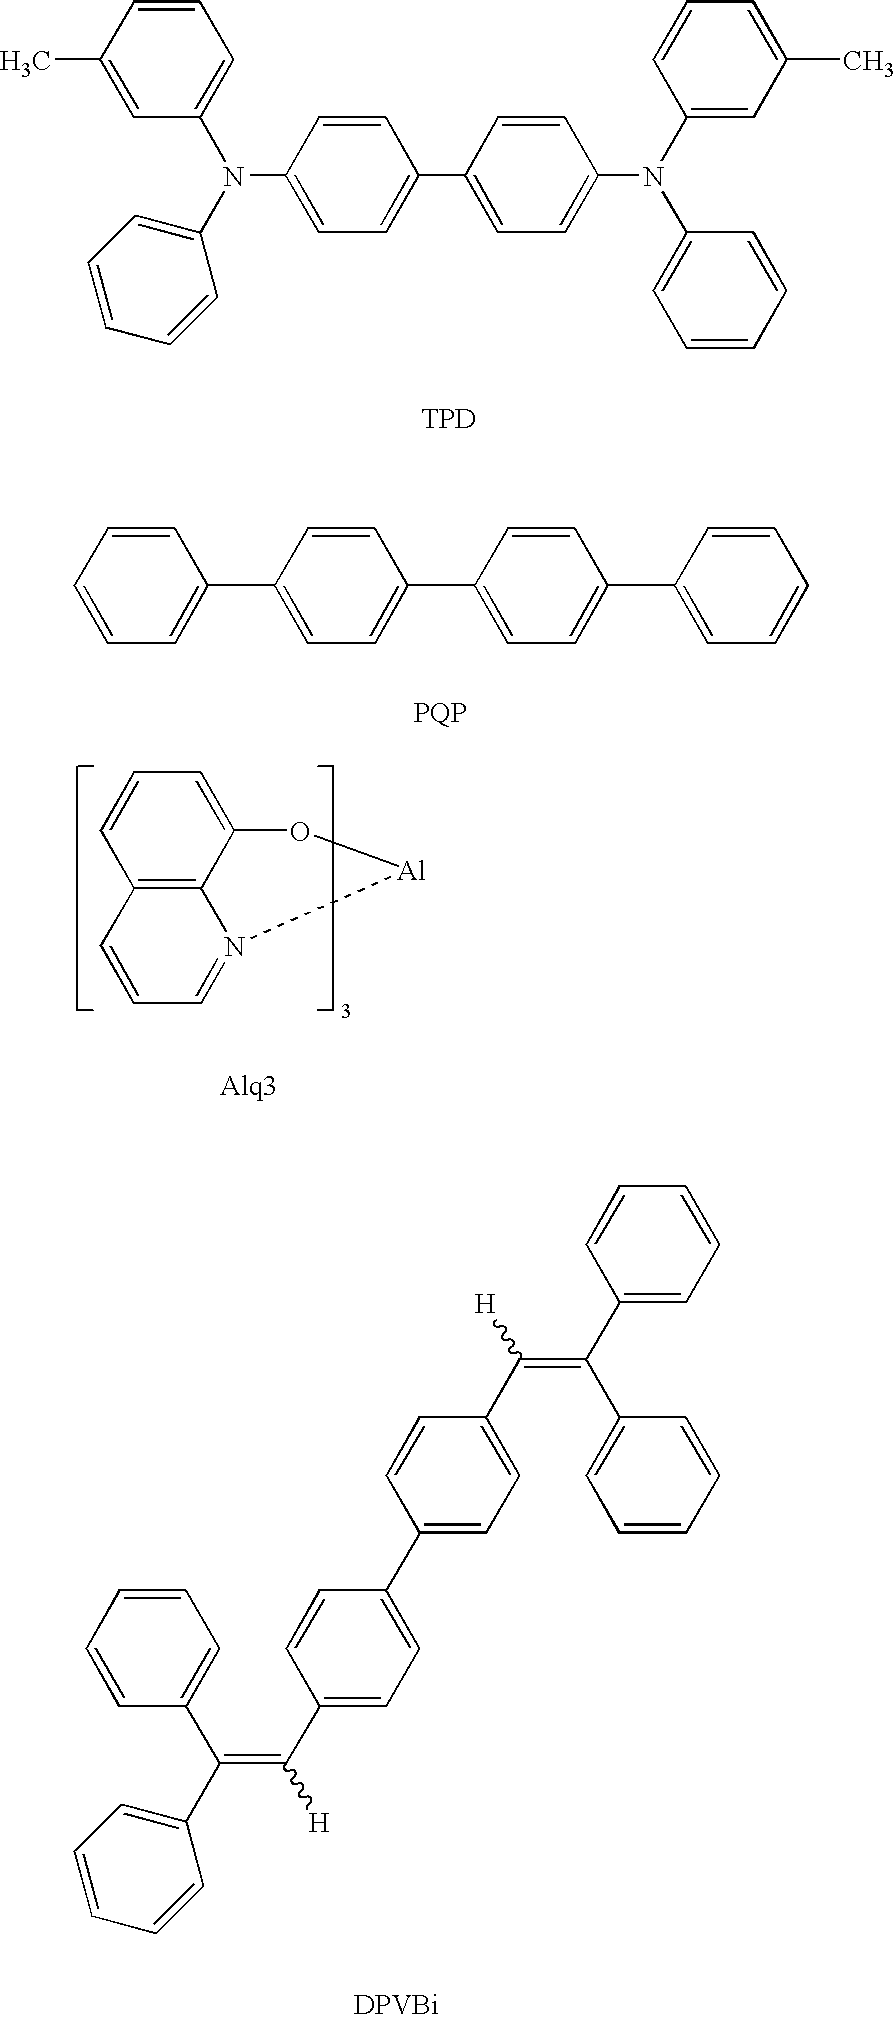 Figure US20040062951A1-20040401-C00056